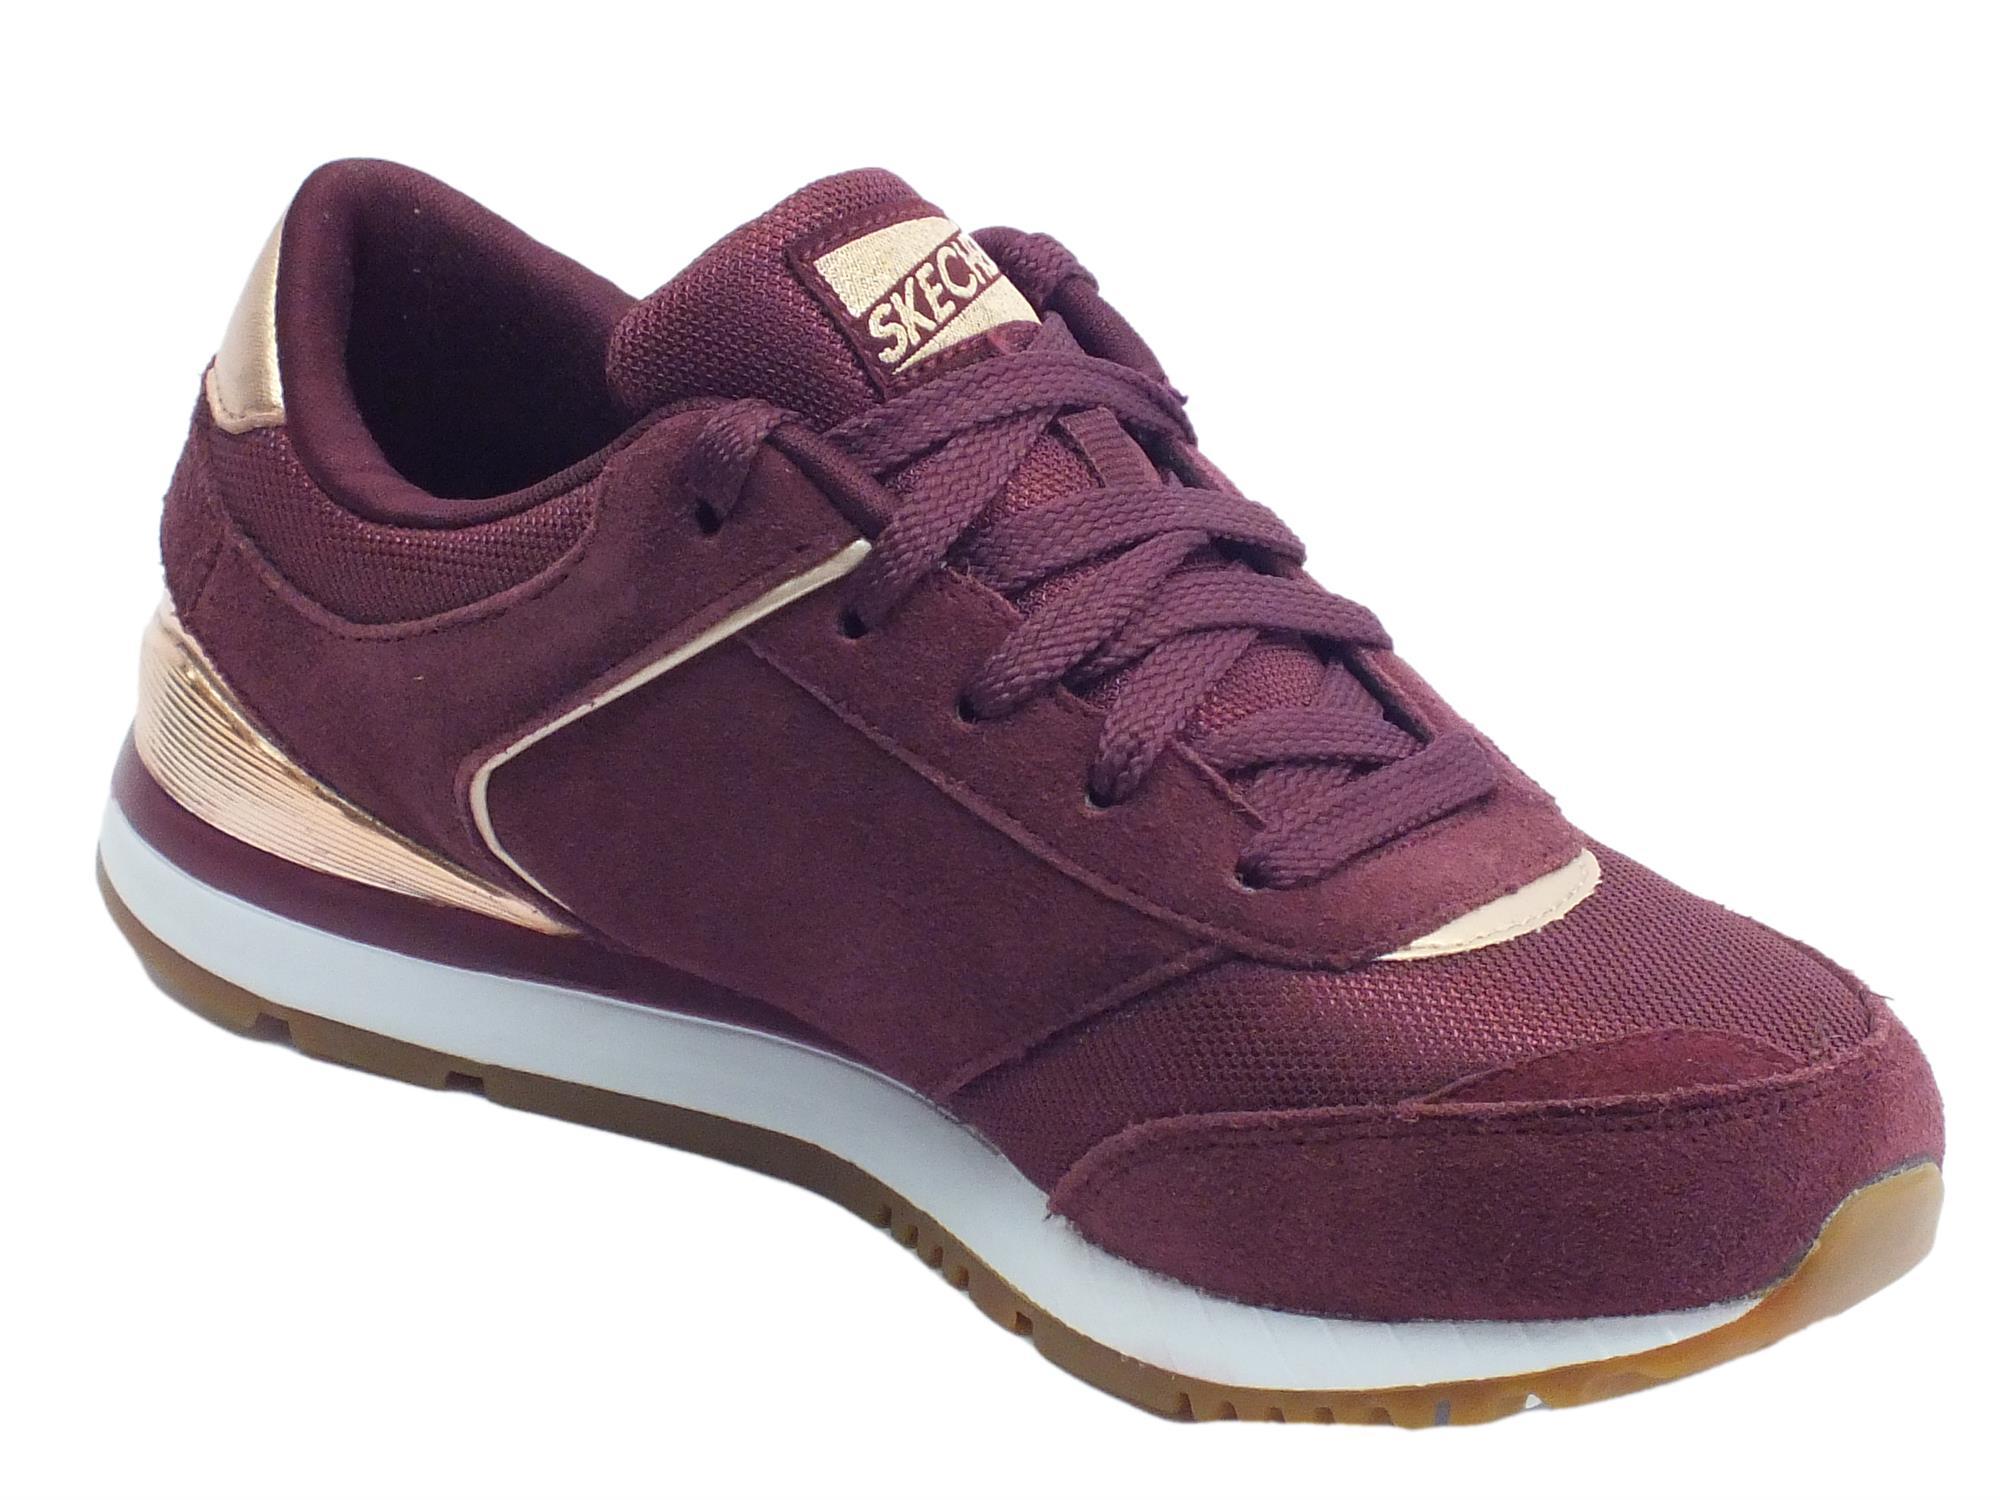 Donna Skechers Sportive Scarpe Camoscio Tessuto Vitiello Originals 35LRAj4